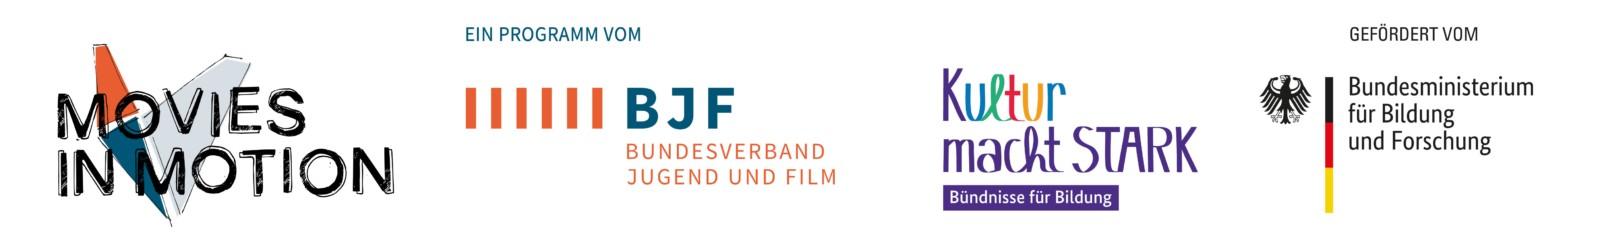 4 Logos: 1. Movies in Motion, 2. Ein Program vom BJF Bundesverband Jungend und Film, 3. Kultur macht Stark, Bündnisse für Bildung, 4. Gefördert vom Bundesministerium für Bildung und Forschung.